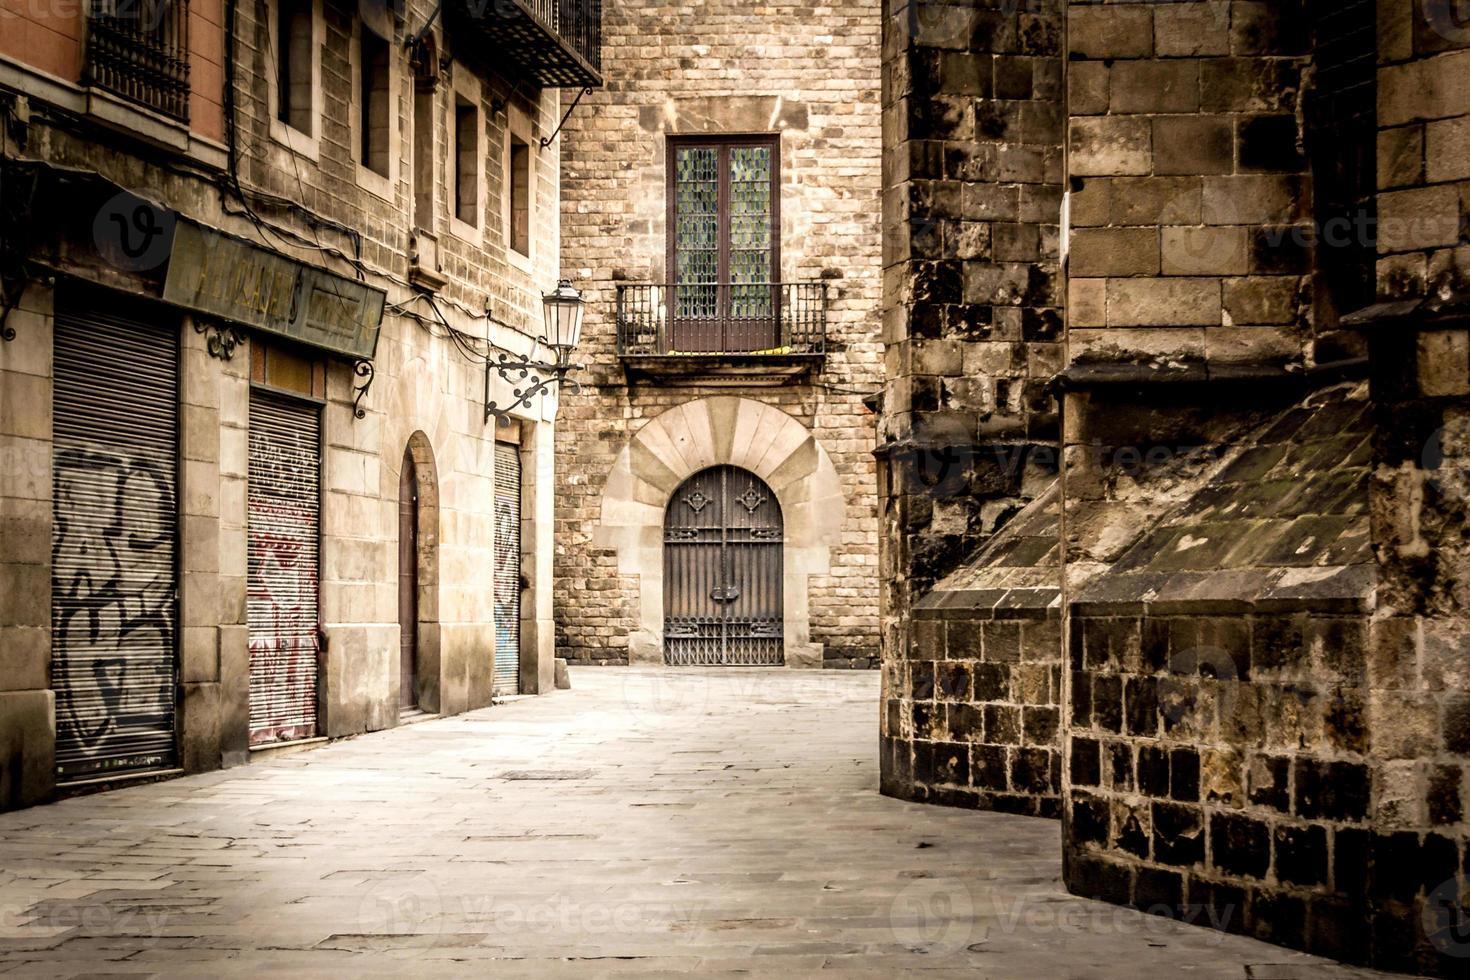 callejón de estilo antiguo foto